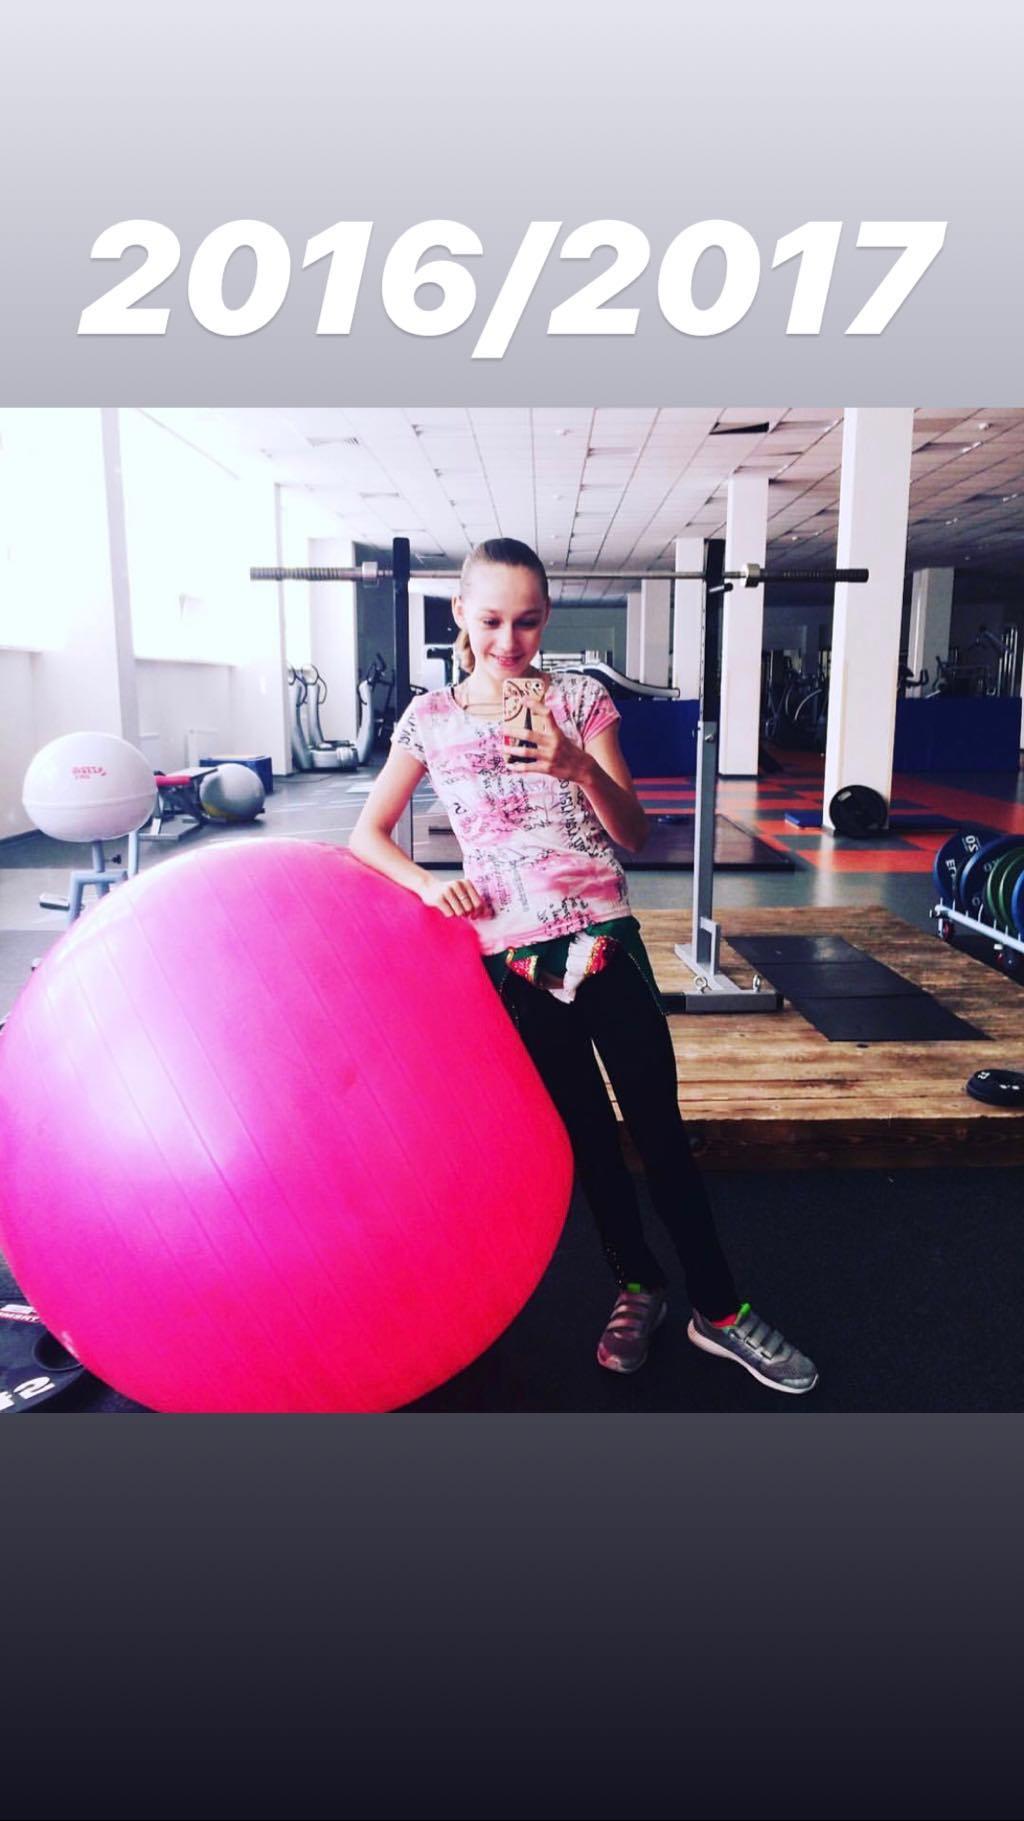 Розовый мяч Новогорска & Индивидуальный чемодан фигуриста - Страница 4 PAy57ud9pNQ